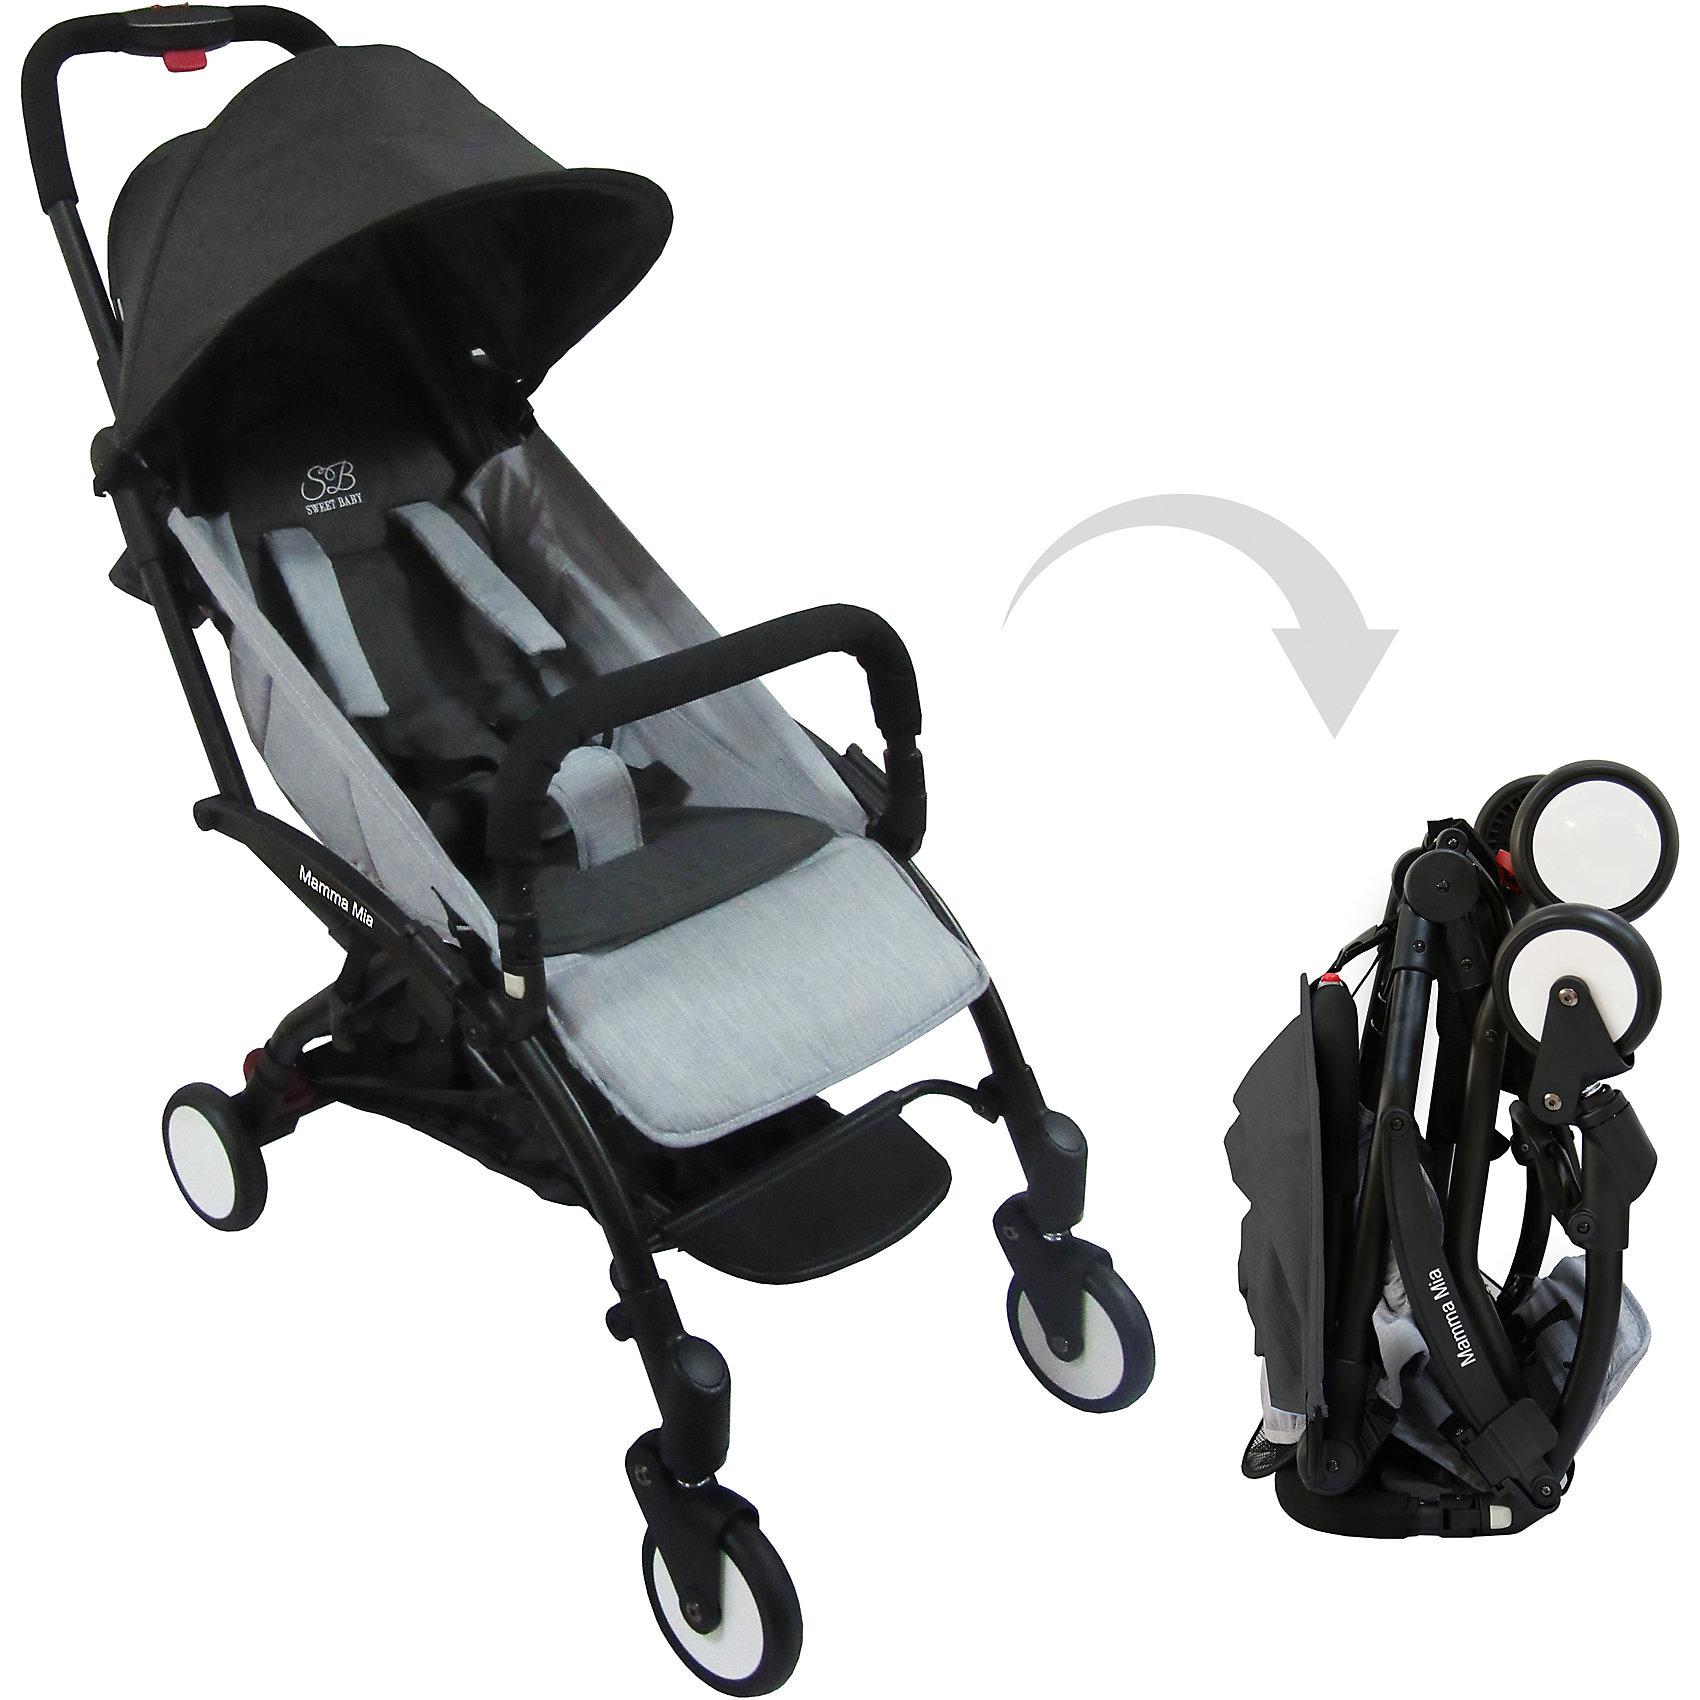 Прогулочная коляска Sweet Baby Mamma Mia Linen Goa, чернаяПрогулочные коляски<br>Характеристики товара:<br><br>• цвет: Linen Goa, черный<br>• алюминиевая рама.<br>• регулируемая ремешком спинка коляски, угол наклона 165 градусов<br>• на сиденье со спинкой находится съемный матрасик с прорезями для ремней<br>• защитный съемный бампер перед ребенком<br>• пластиковая подножка для подросшего ребенка<br>• капюшон со смотровым окошком<br>• цельная ручка коляски с накладкой<br>• полиуретановые колеса<br>• передние поворотные (без блокировки)<br>• пружинная амортизация на передних колесах<br>• тип тормоза: ножной, на одном из задних колес<br>• механизм складывания: книжка<br>• коляска складывается одной рукой вместе с прогулочным блоком<br>• имеется ремень для переноски коляски на плече<br><br>Размер коляски: 67х45х103 см<br>Размер коляски в сложенном виде: 20х43х57 см<br>Вес коляски: 5,8 кг<br>Размер упаковки: 95х46х97 см<br>Вес в упаковке: 7,7 кг<br><br>Прогулочная коляска Mamma Mia бренда Sweet Baby имеет небольшой вес и компактный размер, что идеально для родителей, путешествующих с ребенком. В сложенном виде она очень компактна и без труда влезет в багажник или на полку самолета.<br><br>Прогулочную коляску Mamma Mia Linen Goa, Sweet Baby, черную можно купить в нашем интернет-магазине.<br><br>Ширина мм: 950<br>Глубина мм: 460<br>Высота мм: 970<br>Вес г: 7770<br>Возраст от месяцев: 0<br>Возраст до месяцев: 36<br>Пол: Унисекс<br>Возраст: Детский<br>SKU: 5614397